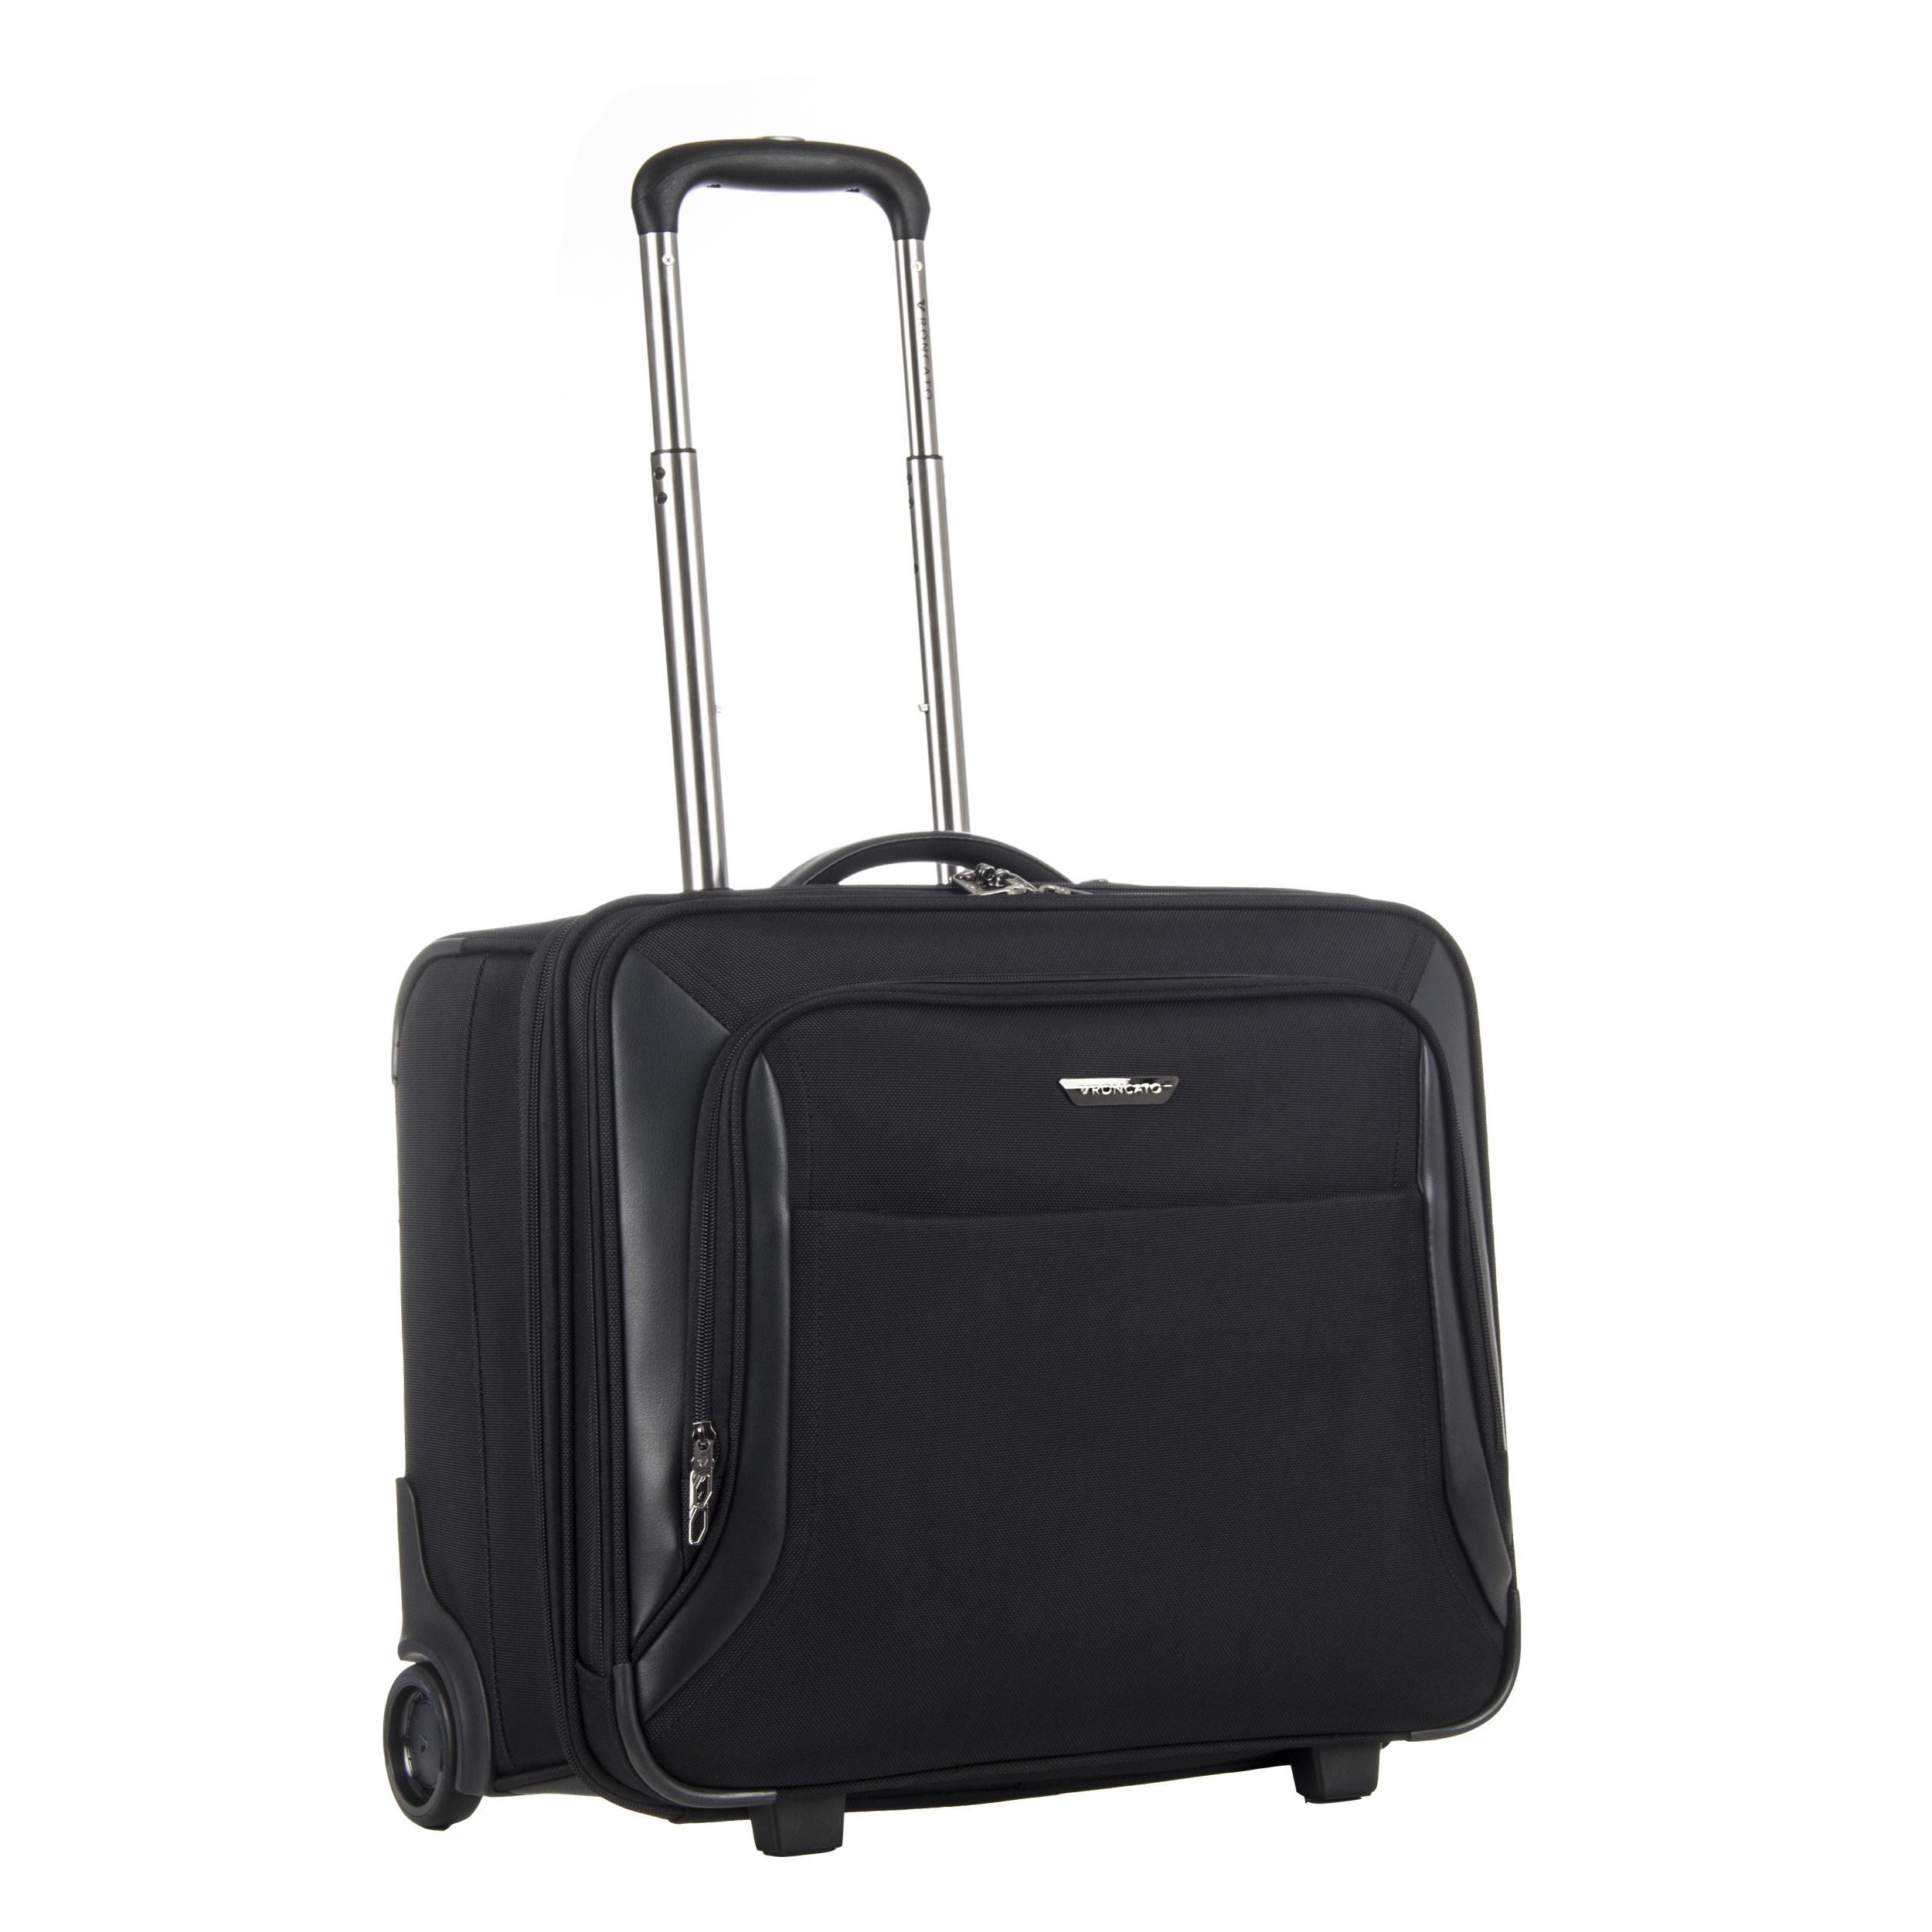 چمدان خلبانی رونکاتو مدل BIZ 2.0 کد 412126